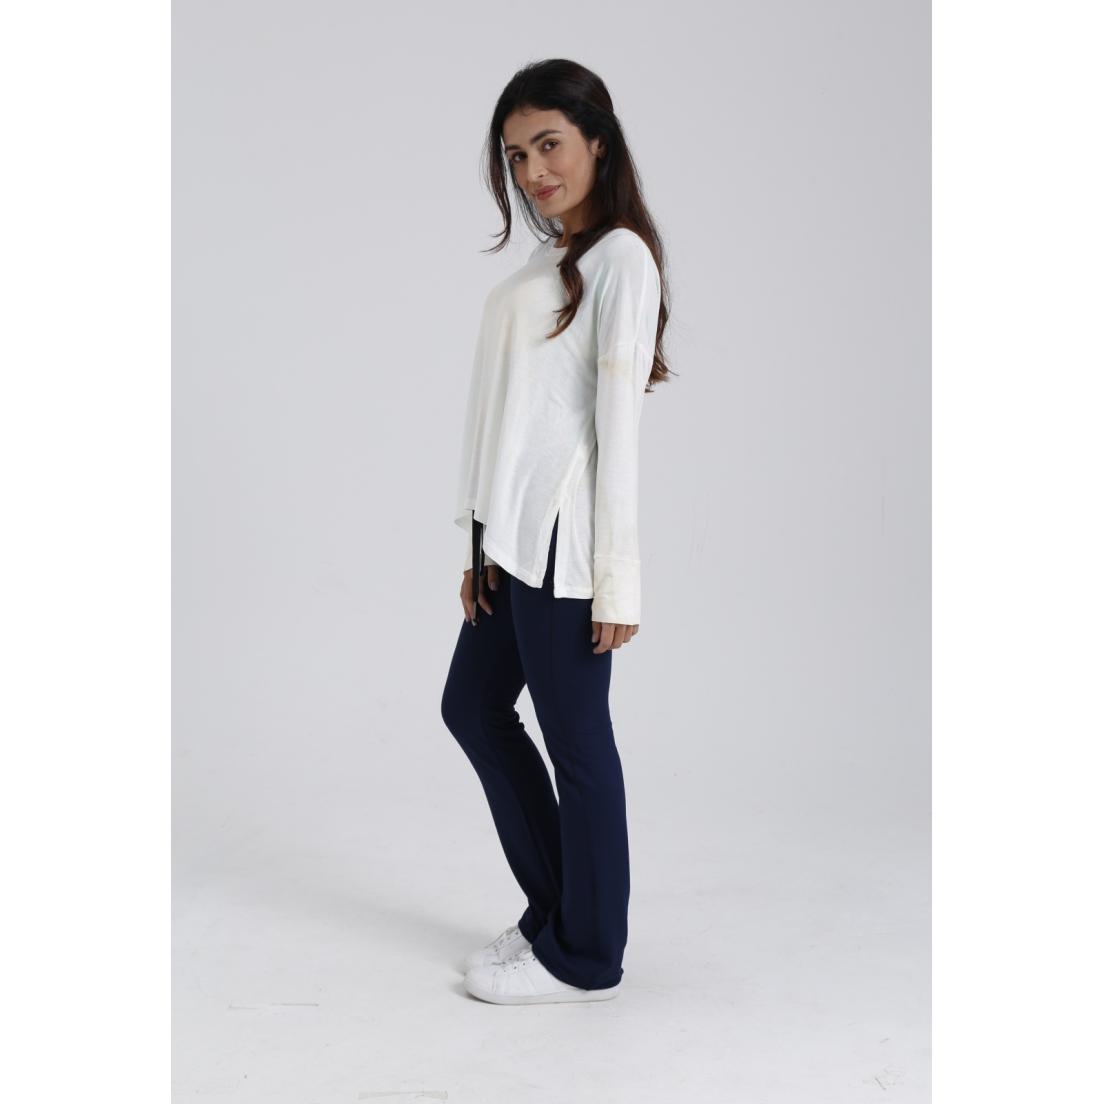 Blusa de Malha Tie Dye Carmine  - Metro & Co.